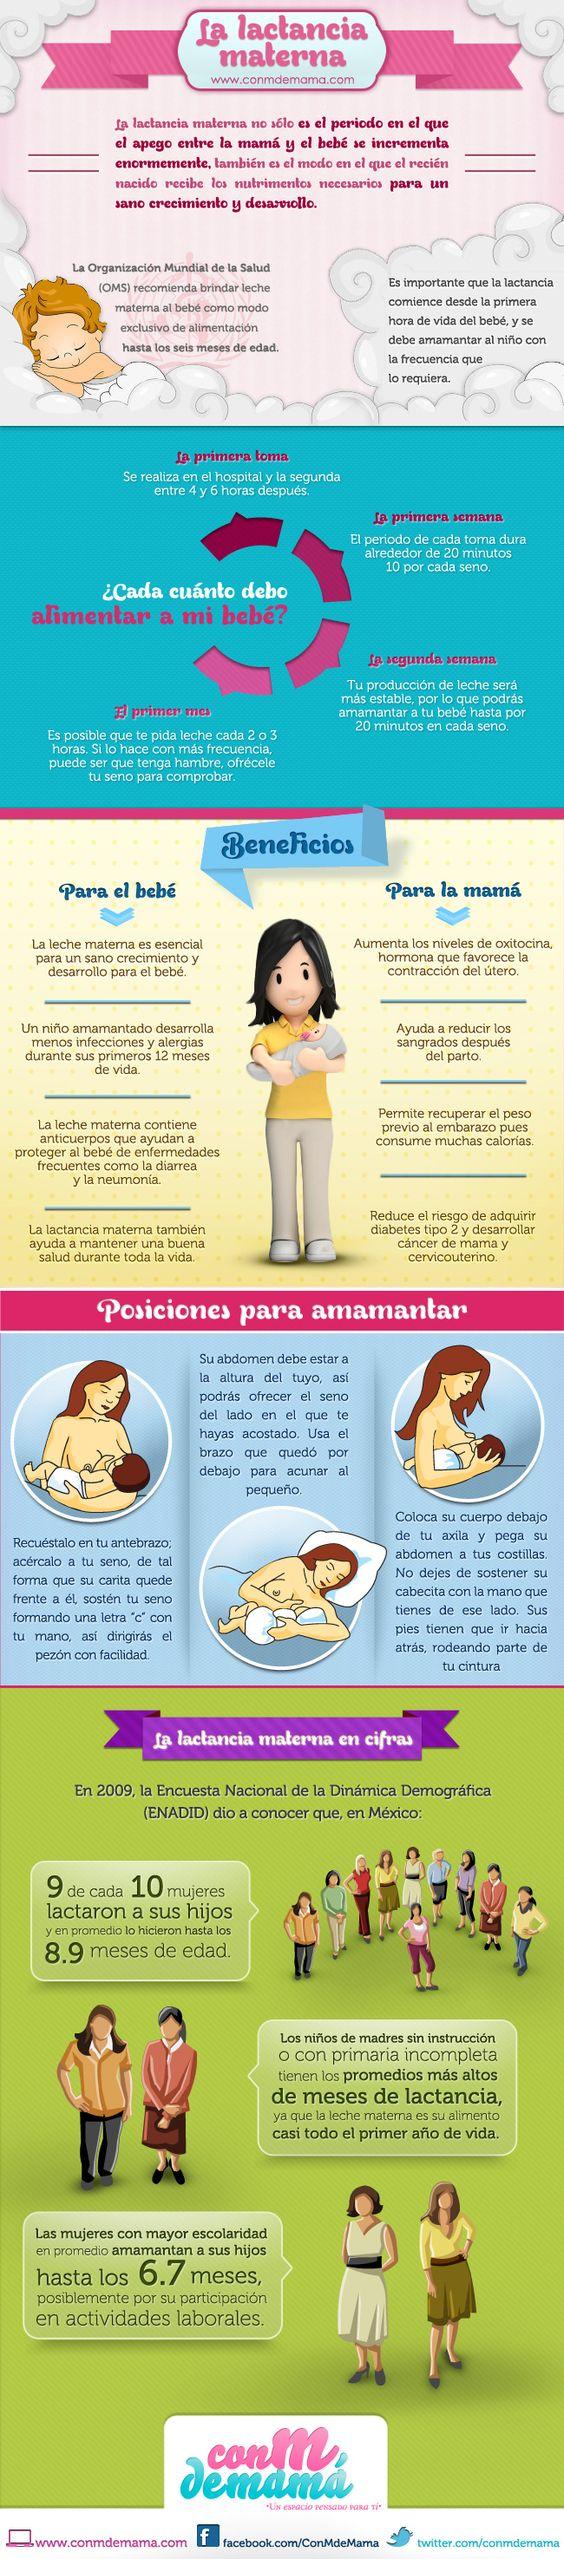 ¿Estás al tanto de la importancia de la lactancia materna? Aquí todo lo que debes saber sobre esta etapa.